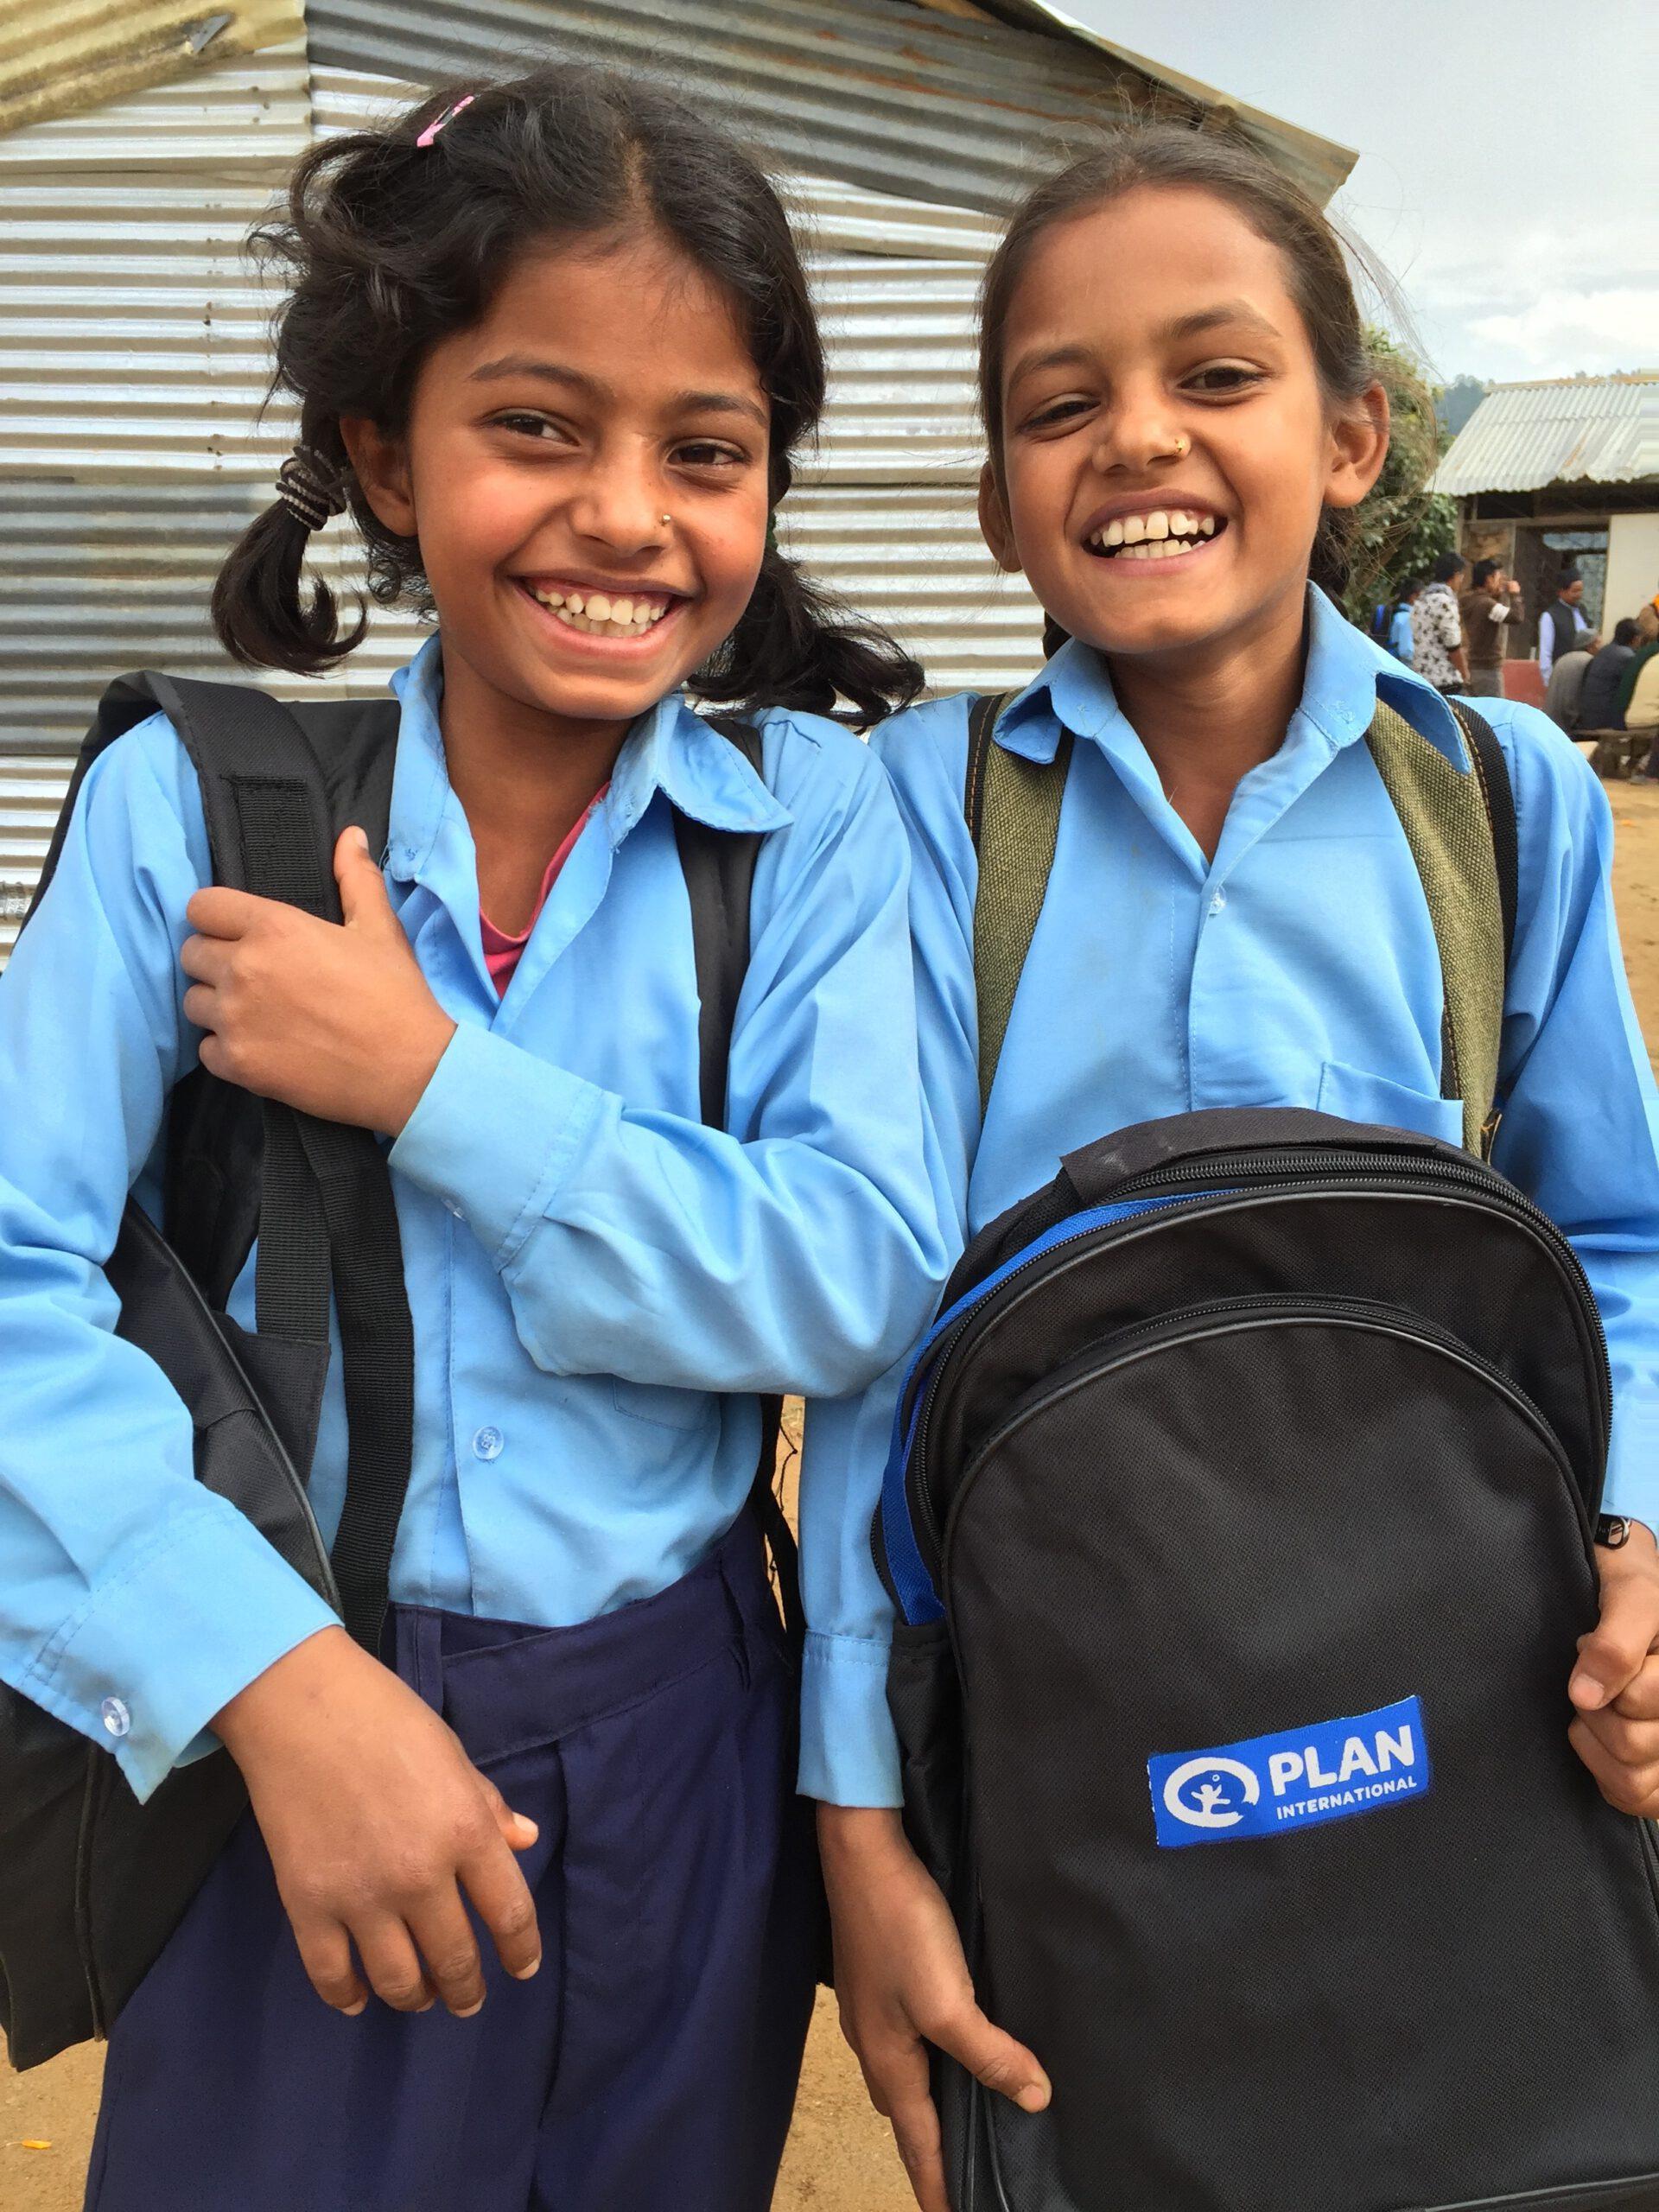 GNO0482_Lernen_Plan International_Bild stammt aus einem ähnlichen Plan-Projekt in Nepal_Bild1